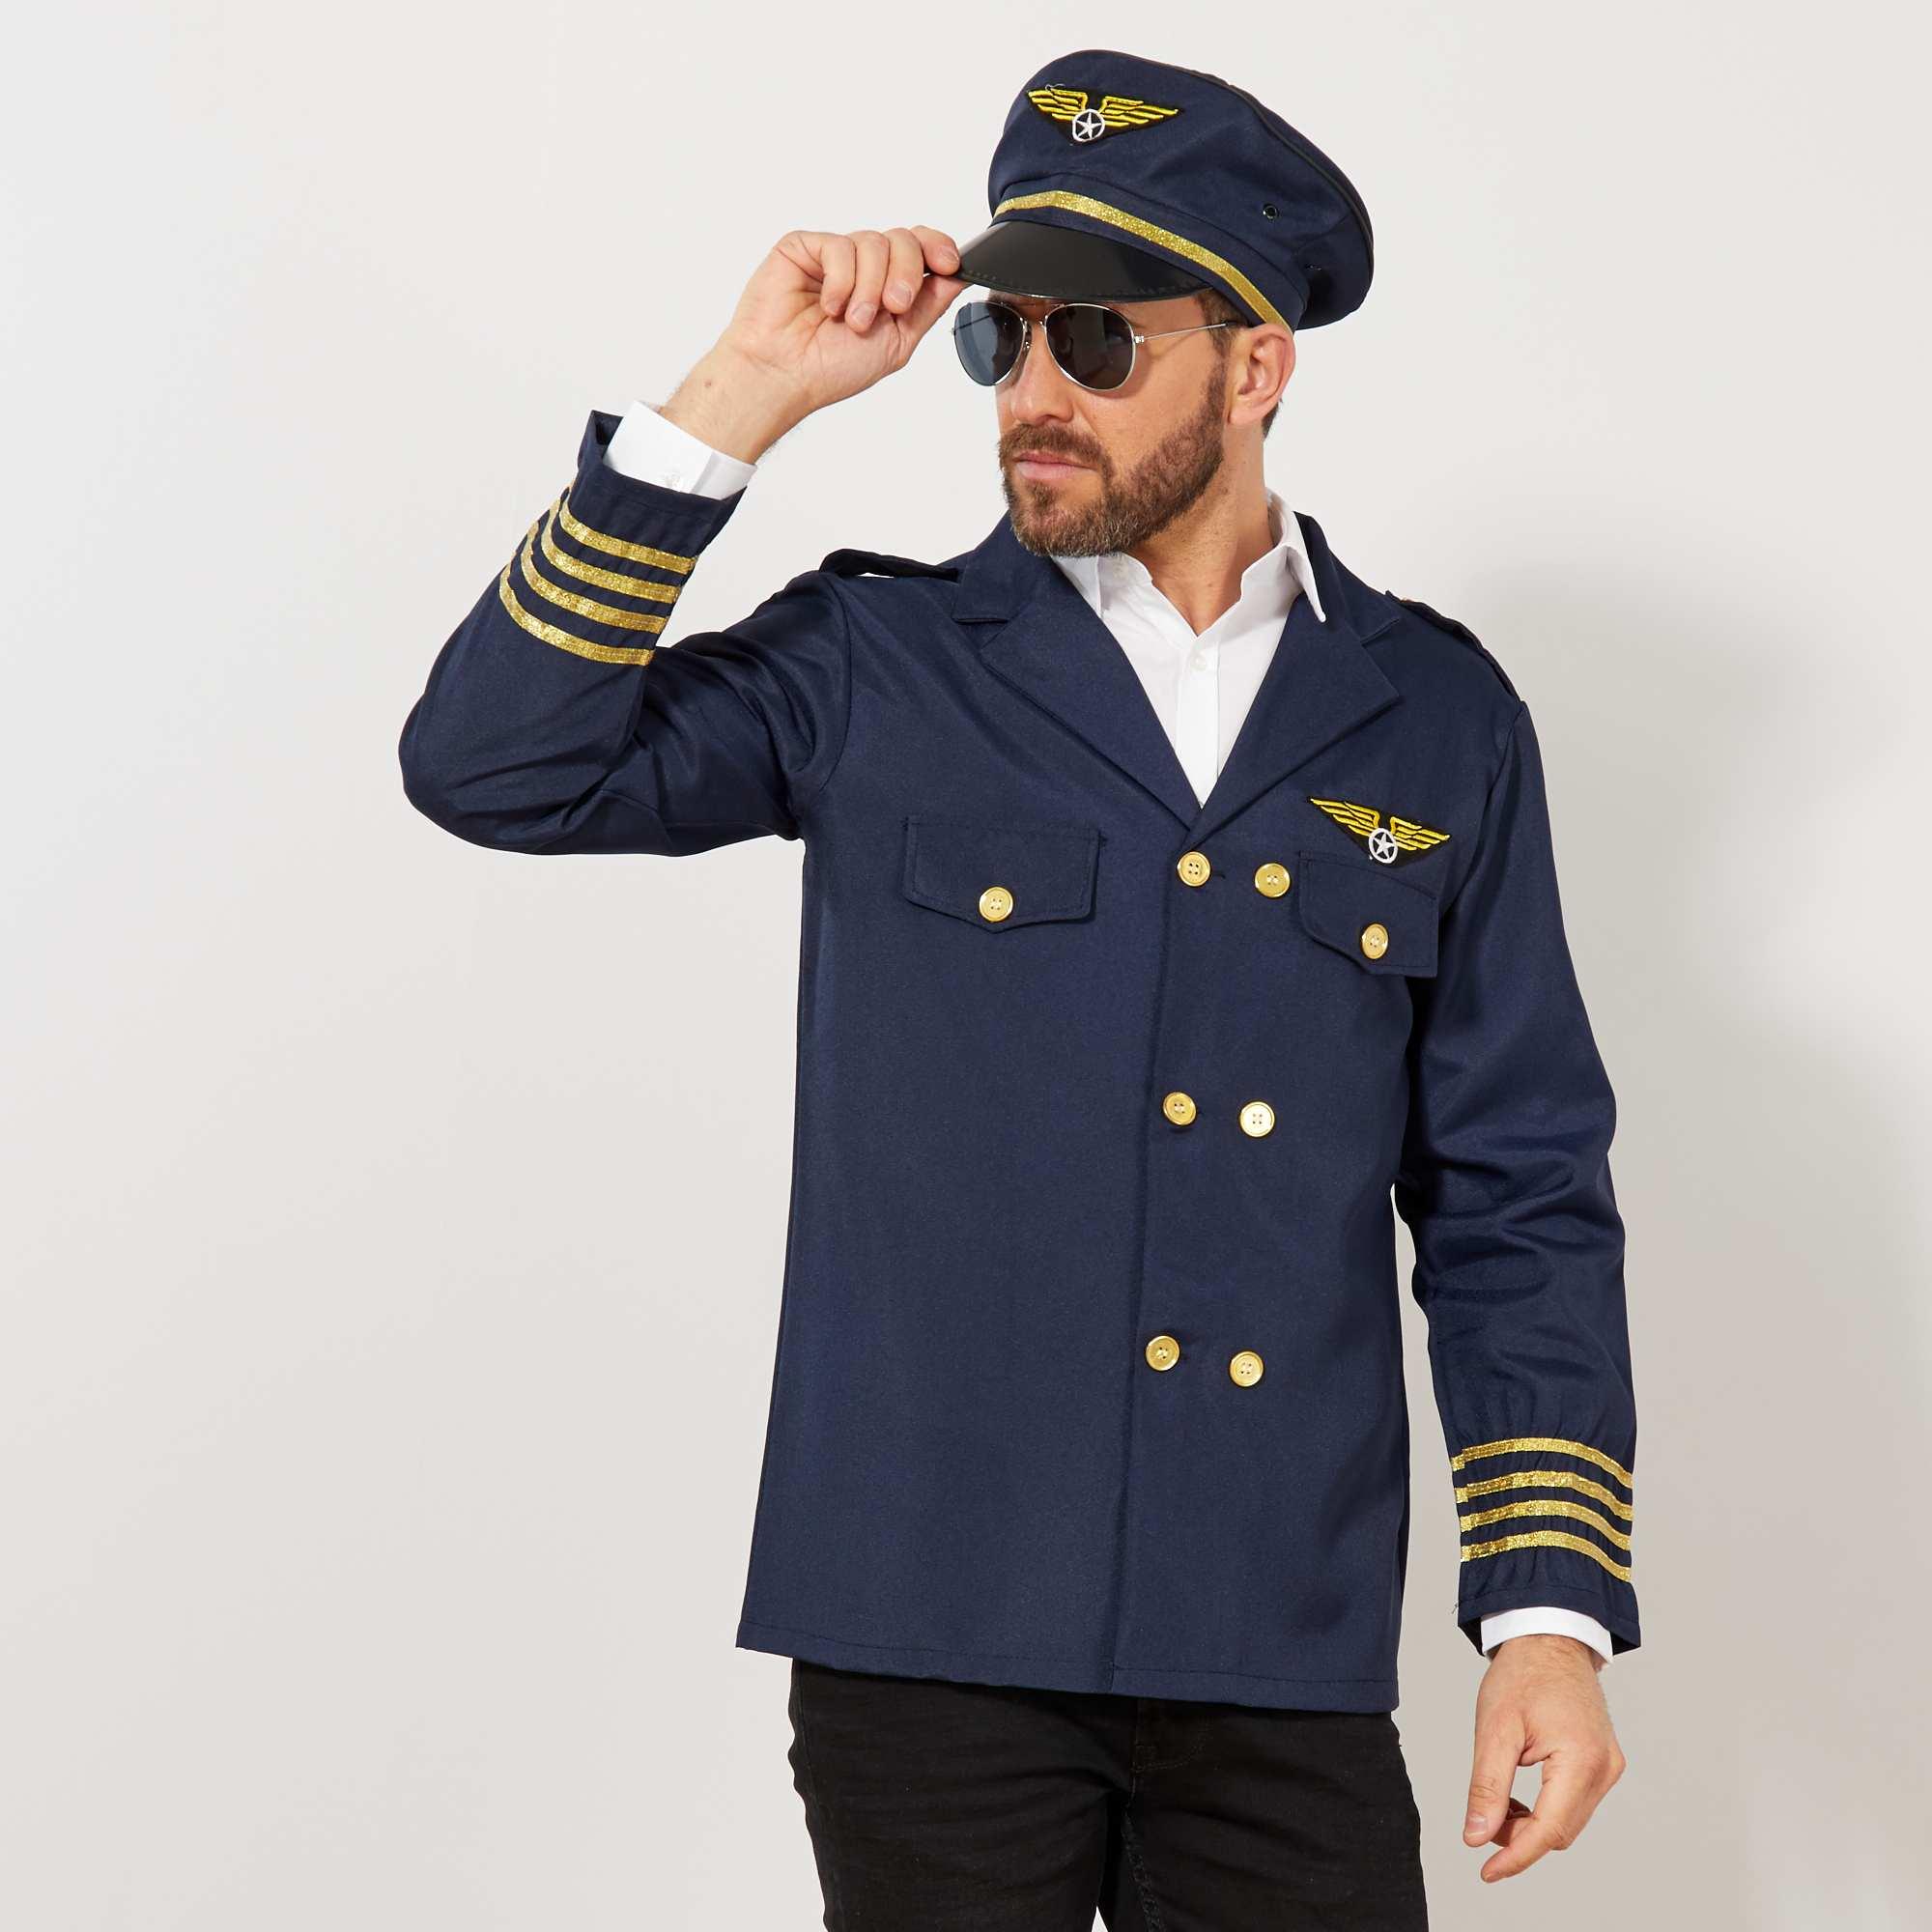 Couleur : bleu marine, , ,, - Taille : TU, , ,,Les dames craqueront les premières pour vous grâce au costume de pilote de l'air, à la